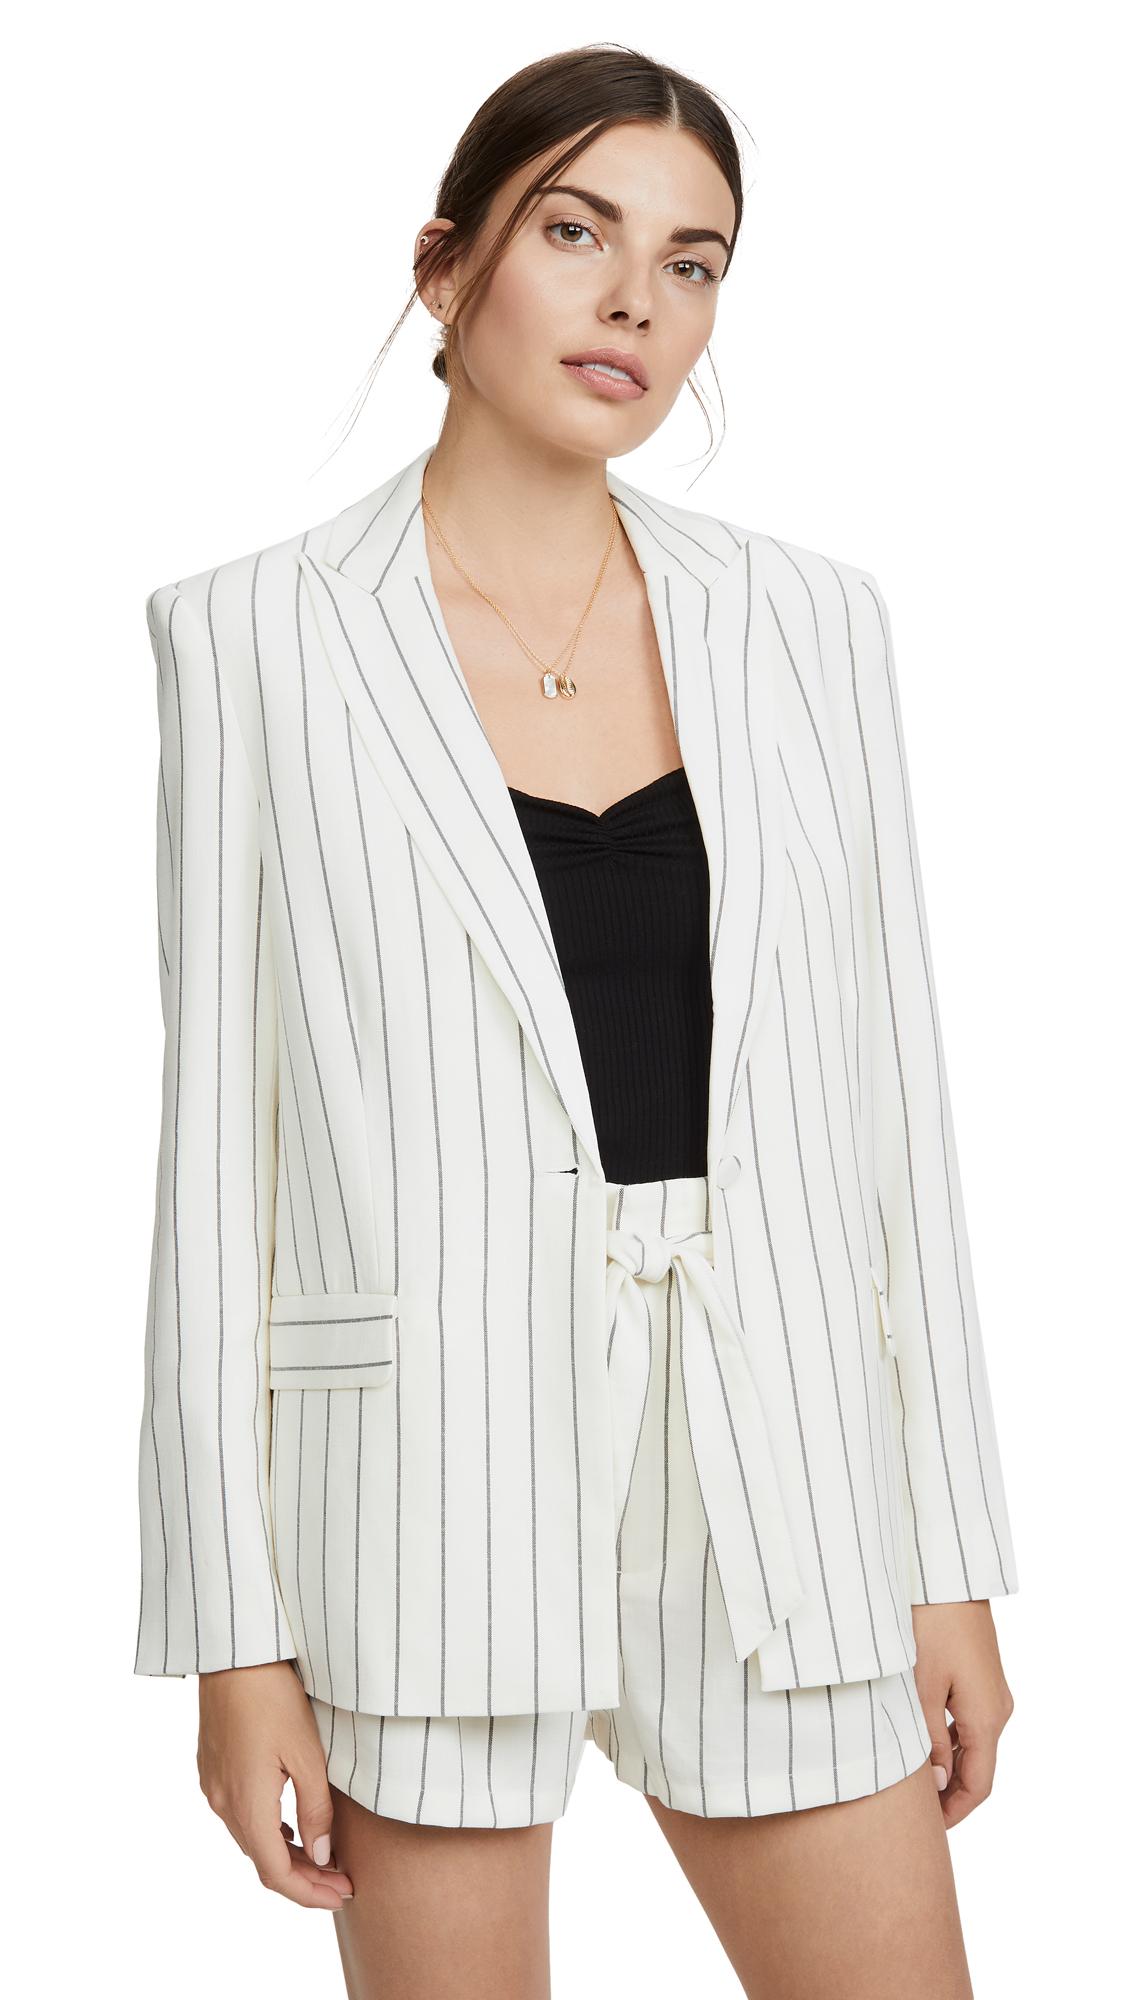 7 For All Mankind Pinstripe One-button Boyfriend Blazer In White/black Stripe